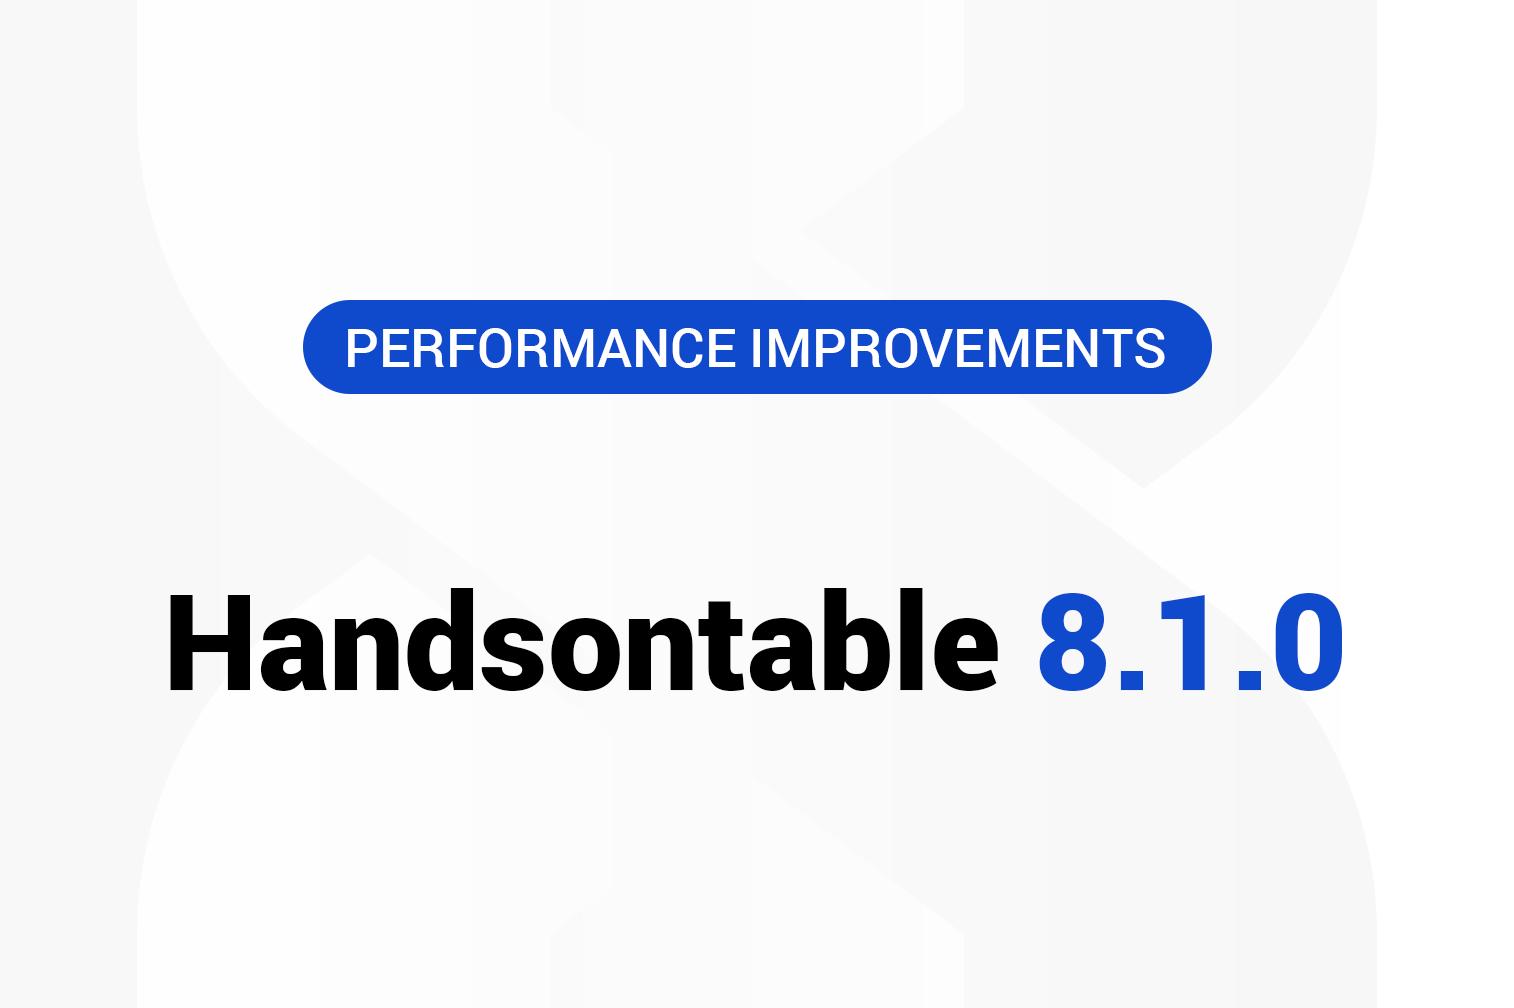 Handsontable 8.1.0 has been released